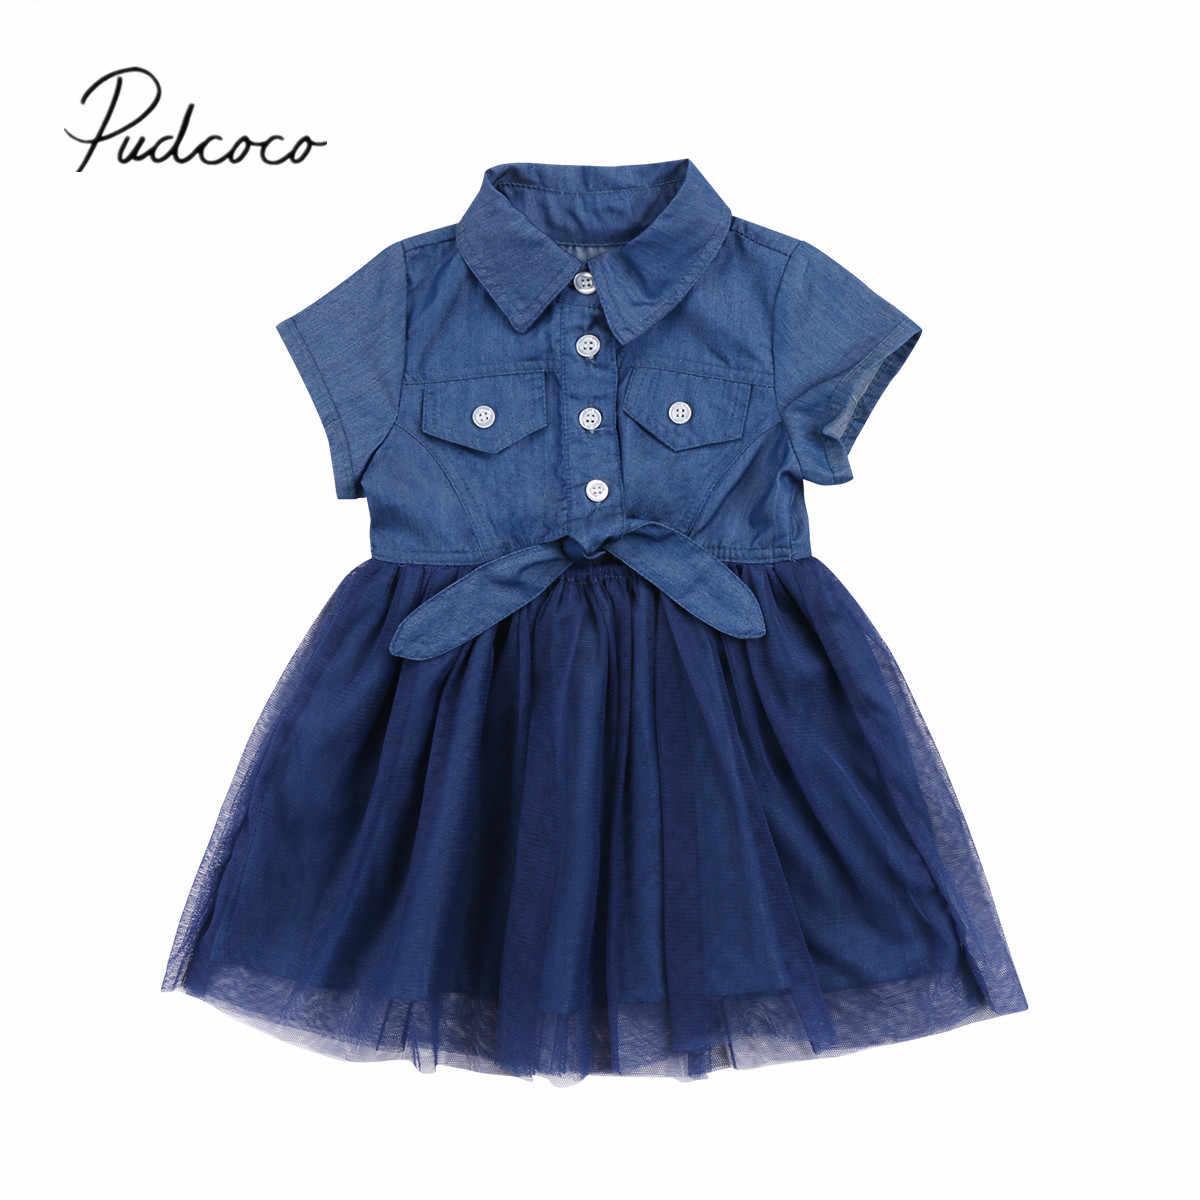 61a1f9c7360 2018 Фирменная Новинка для малышей Для детей Детские Обувь для девочек  джинсовые повседневные платья бантом сарафан